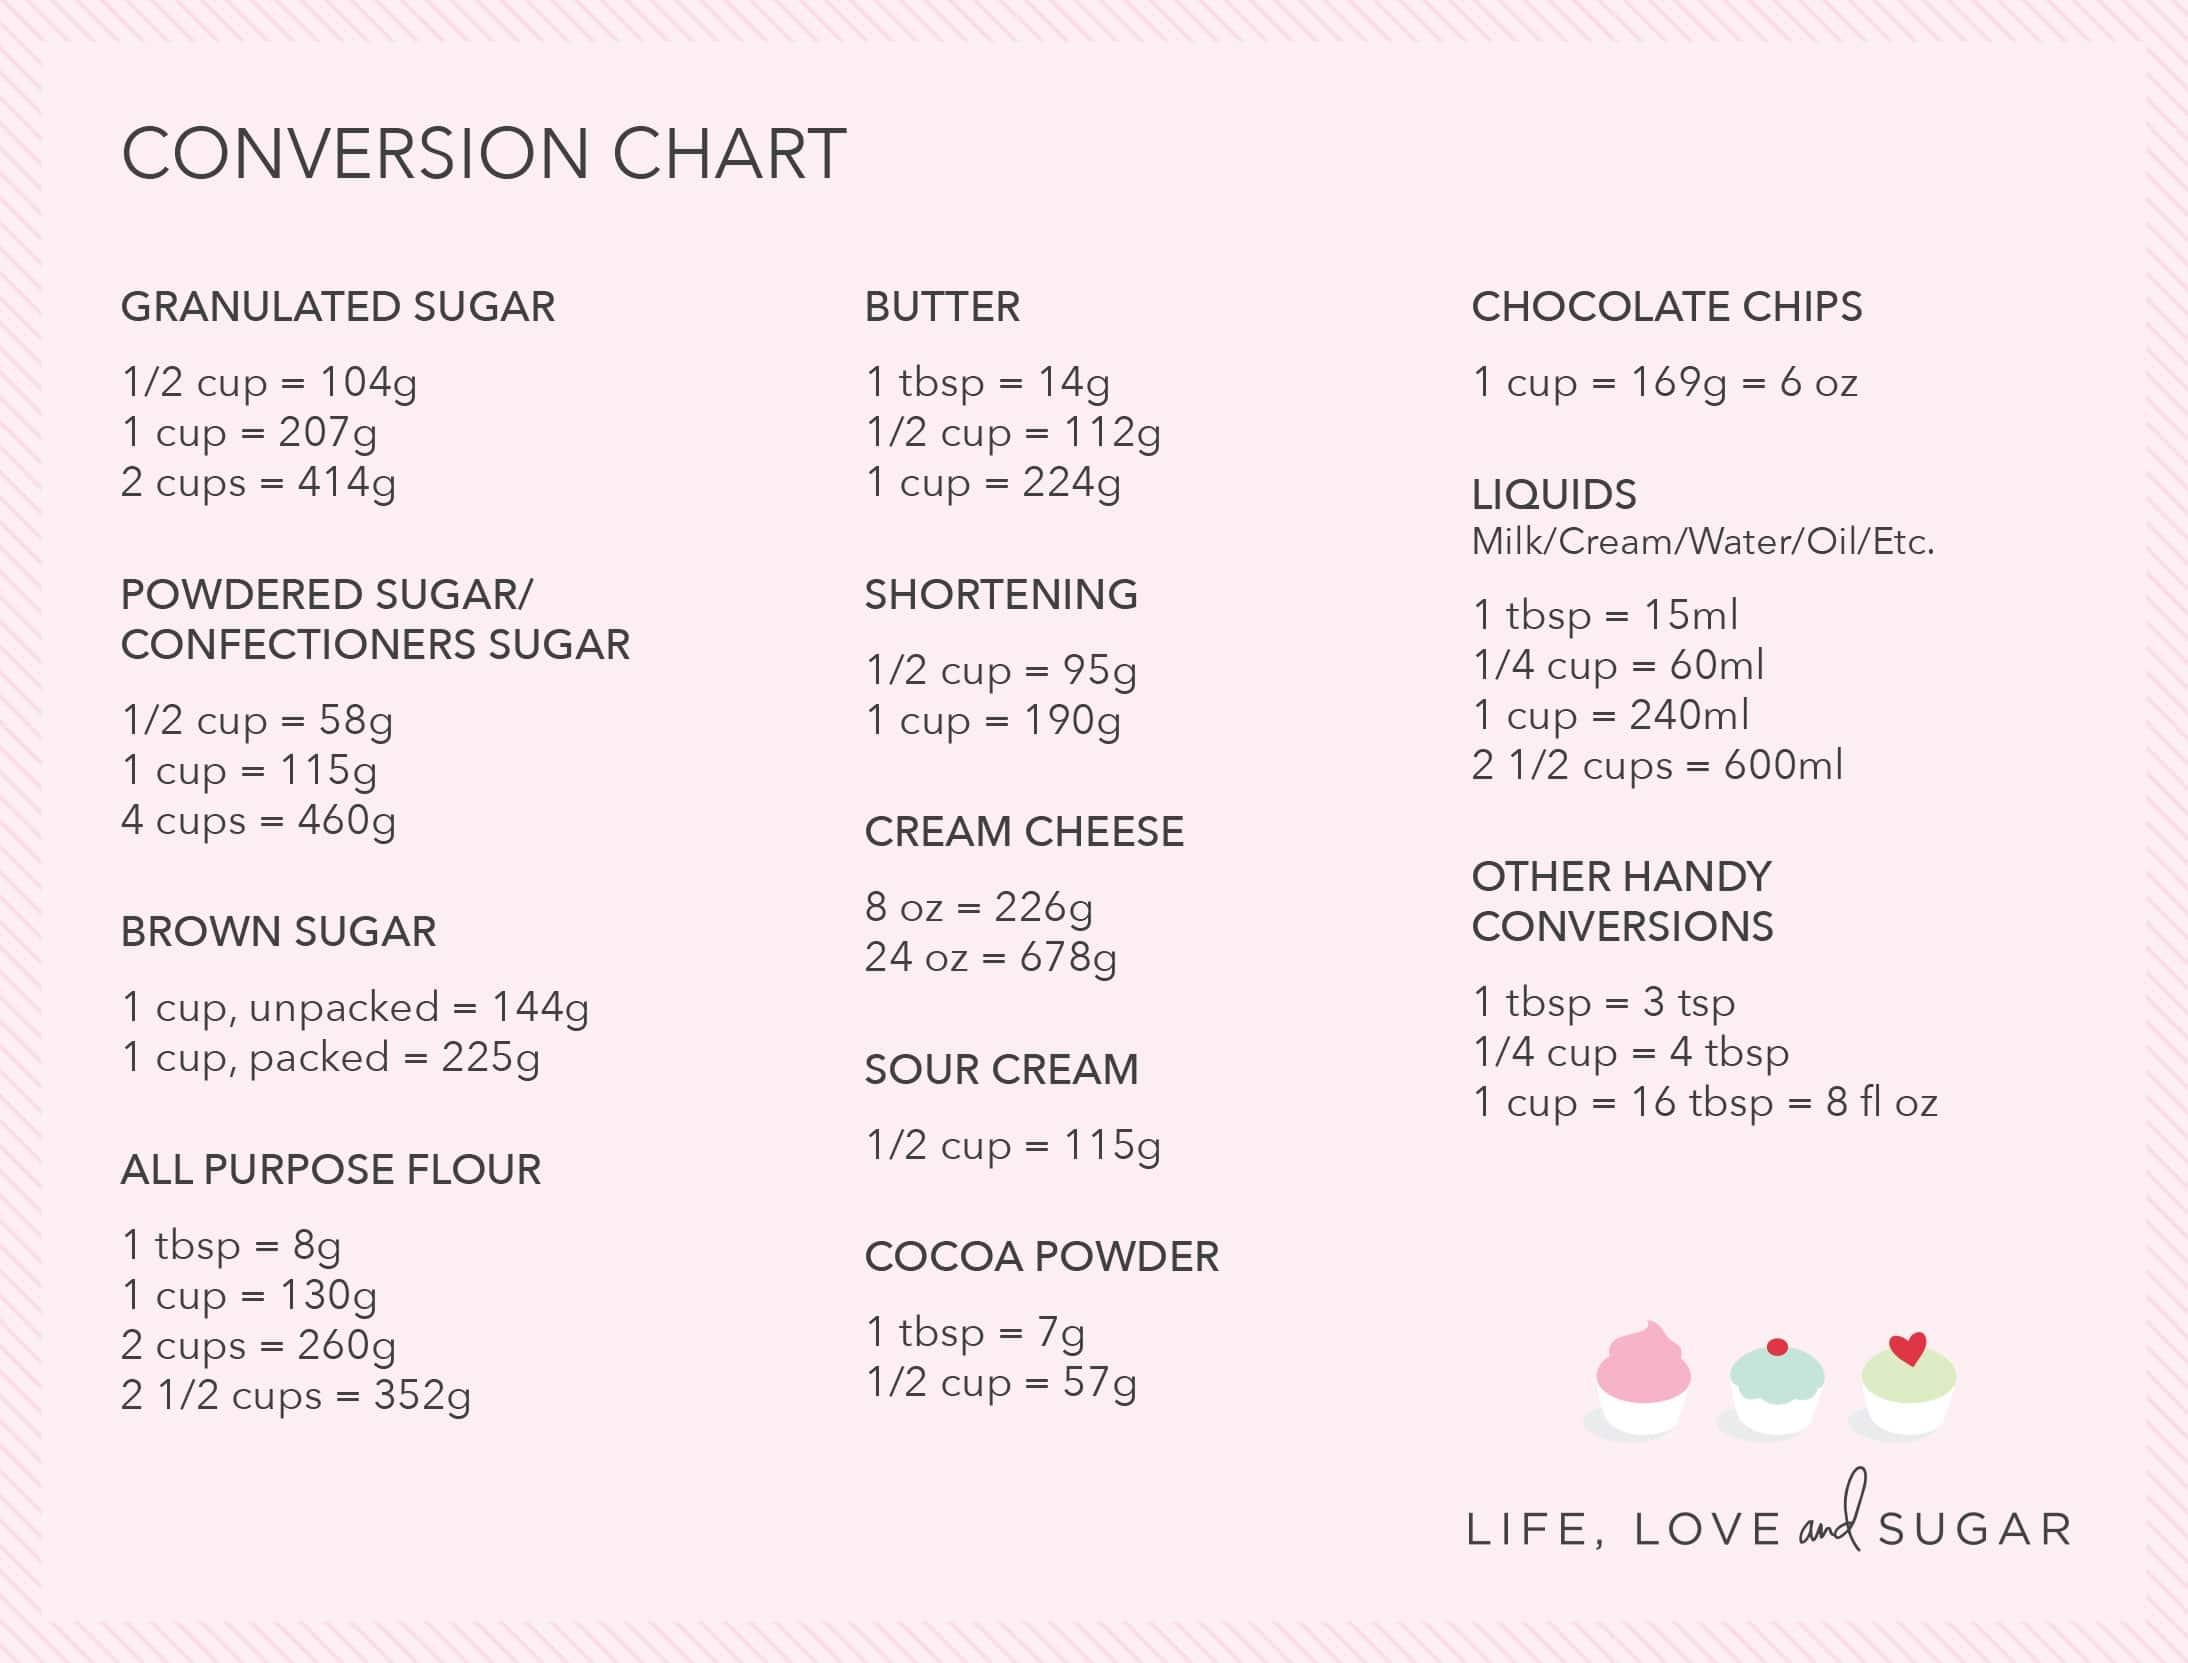 Conversion Chart Life Love And Sugar